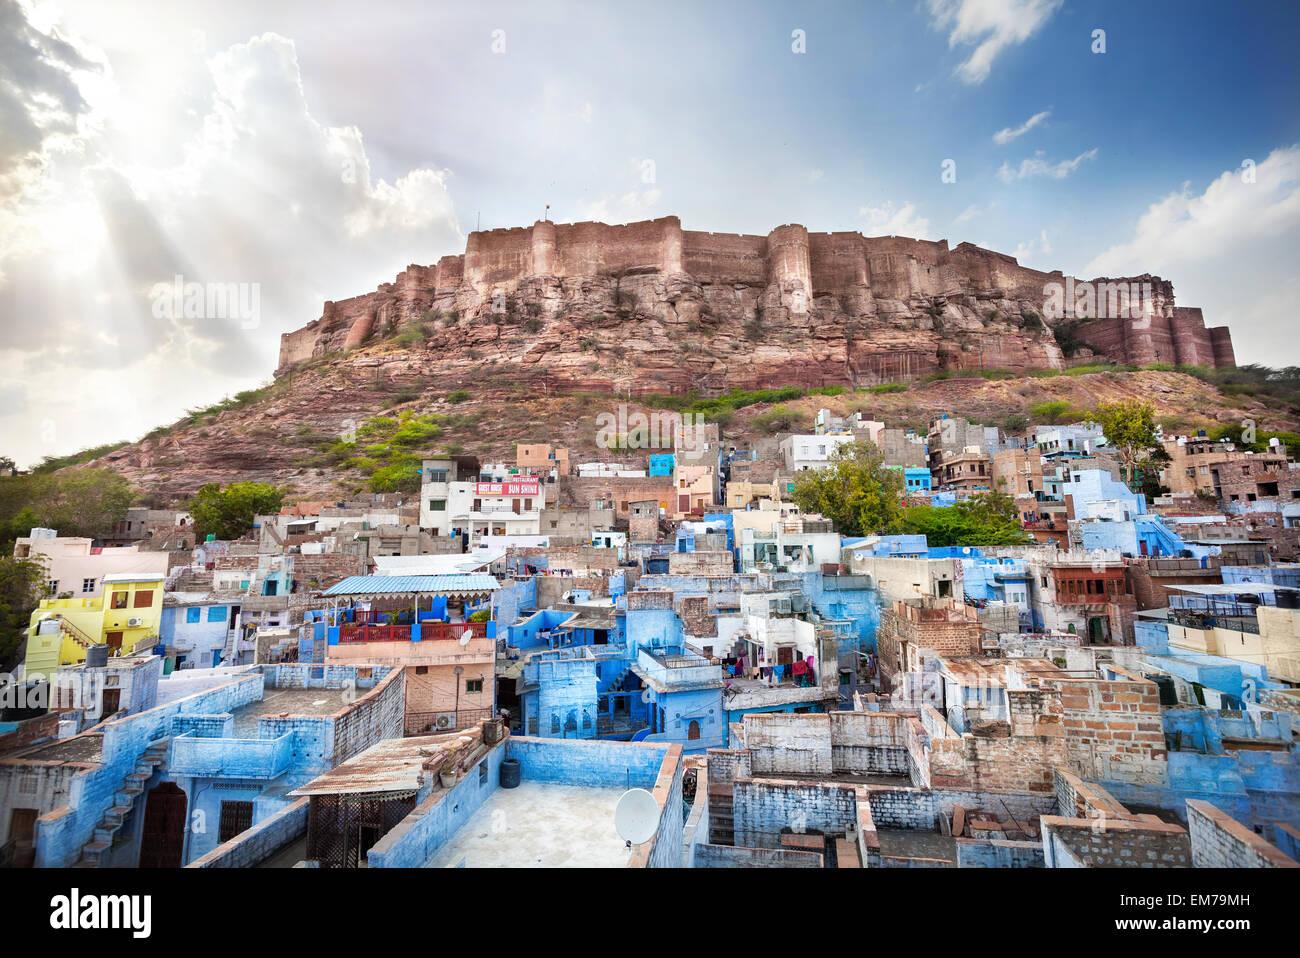 Ciudad azul y la fortaleza de Mehrangarh sobre la colina al atardecer cielo en Jodhpur, Rajasthan, India Imagen De Stock